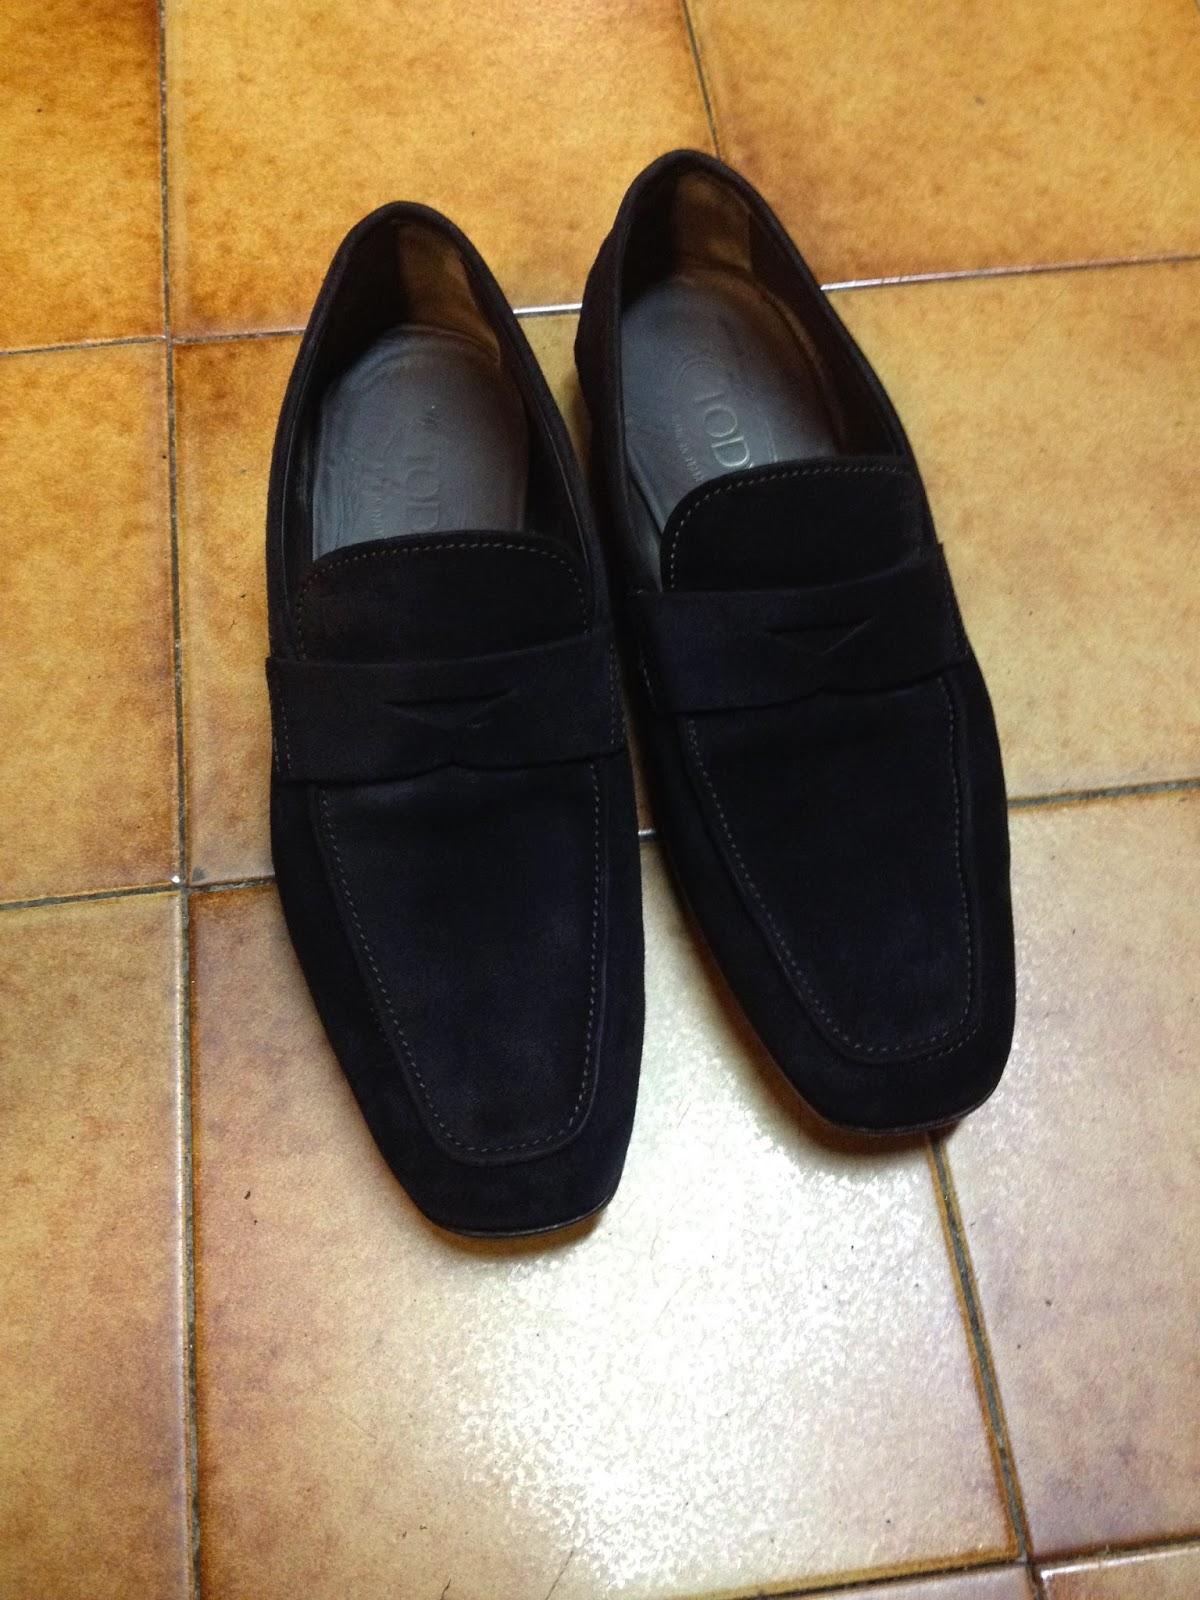 cordonnerie maroquinerie bagagerie sellerie comment teindre des chaussures en daim veau. Black Bedroom Furniture Sets. Home Design Ideas